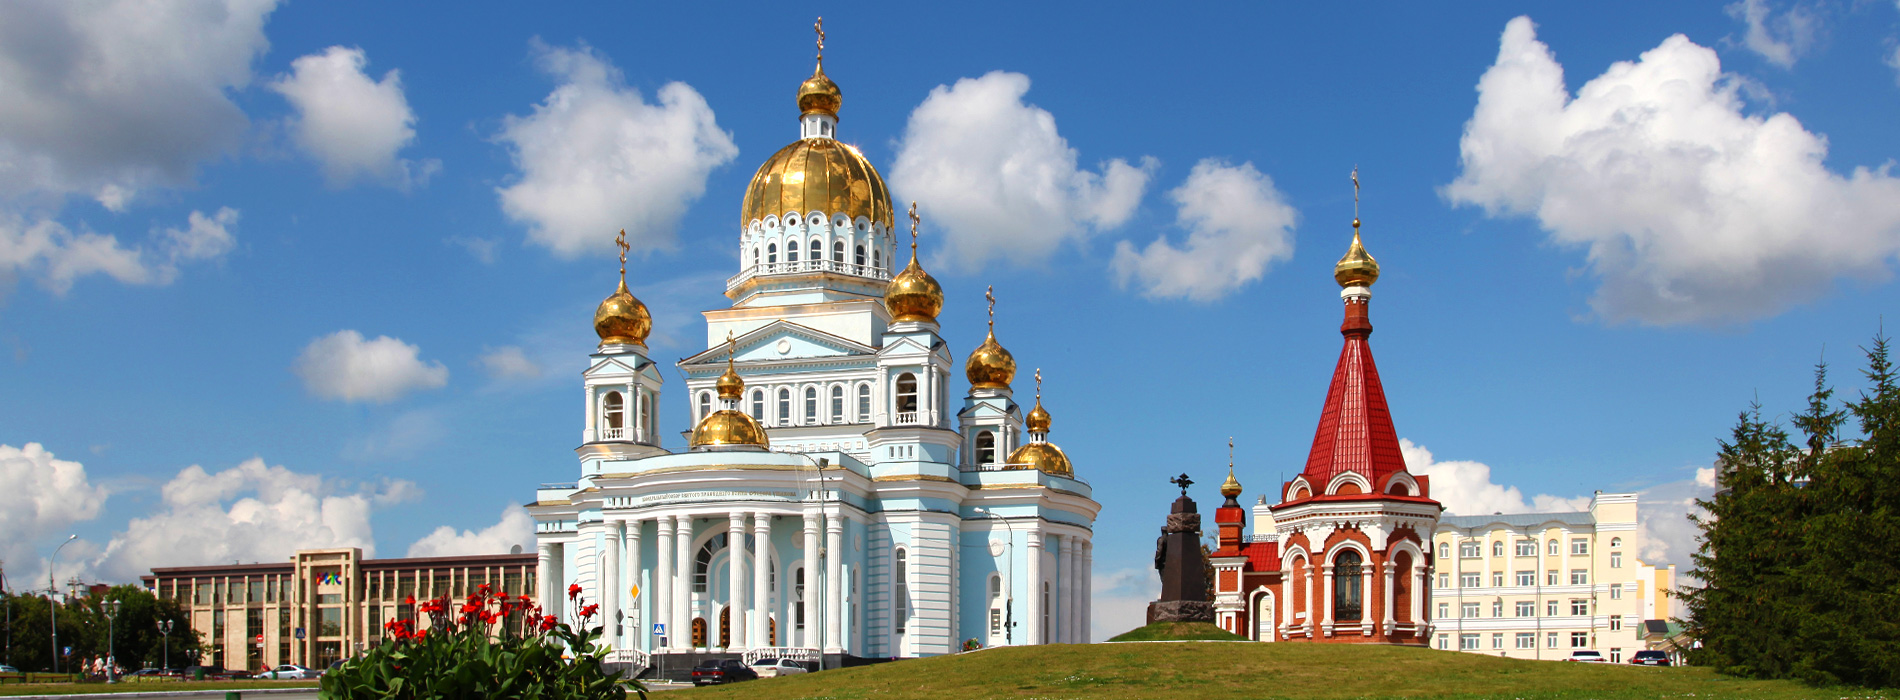 Авиабилеты Симферополь — Саранск, купить билеты на самолет туда и обратно